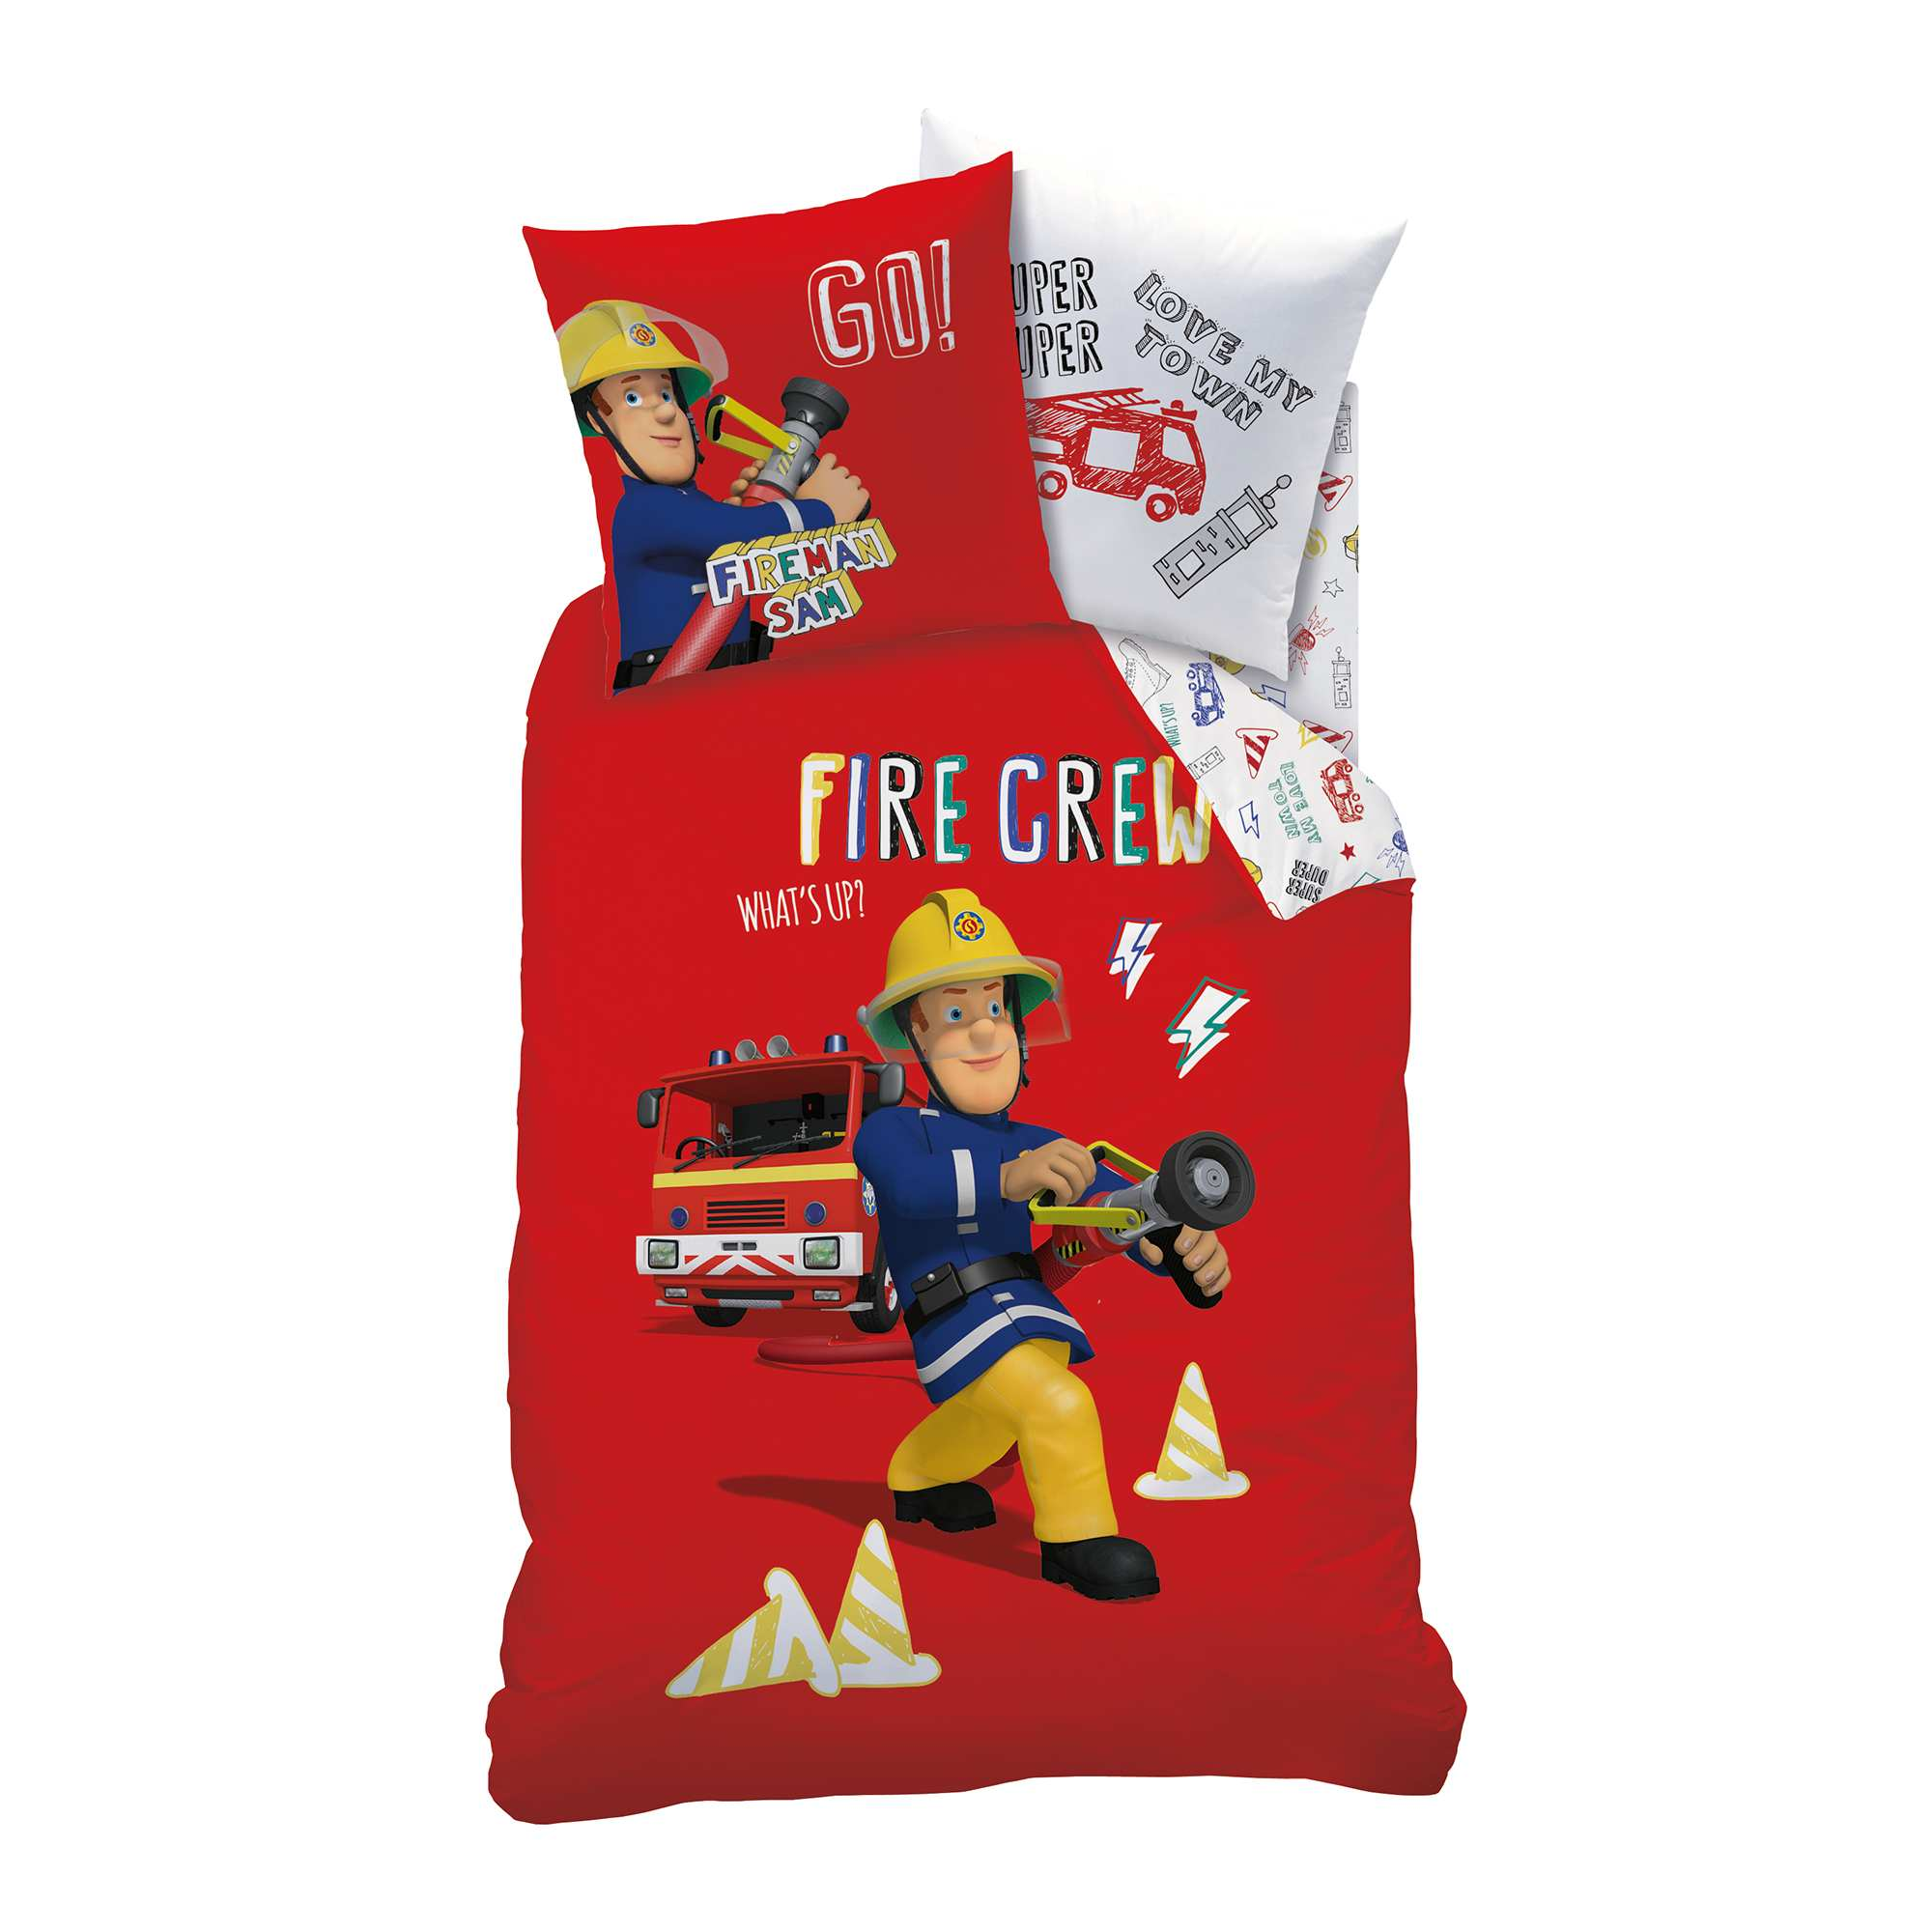 Couleur : rouge, , ,, - Taille : 140x200, , ,,En avant pour de nouvelles aventures en compagnie de 'Sam le Pompier' ! - Parure de